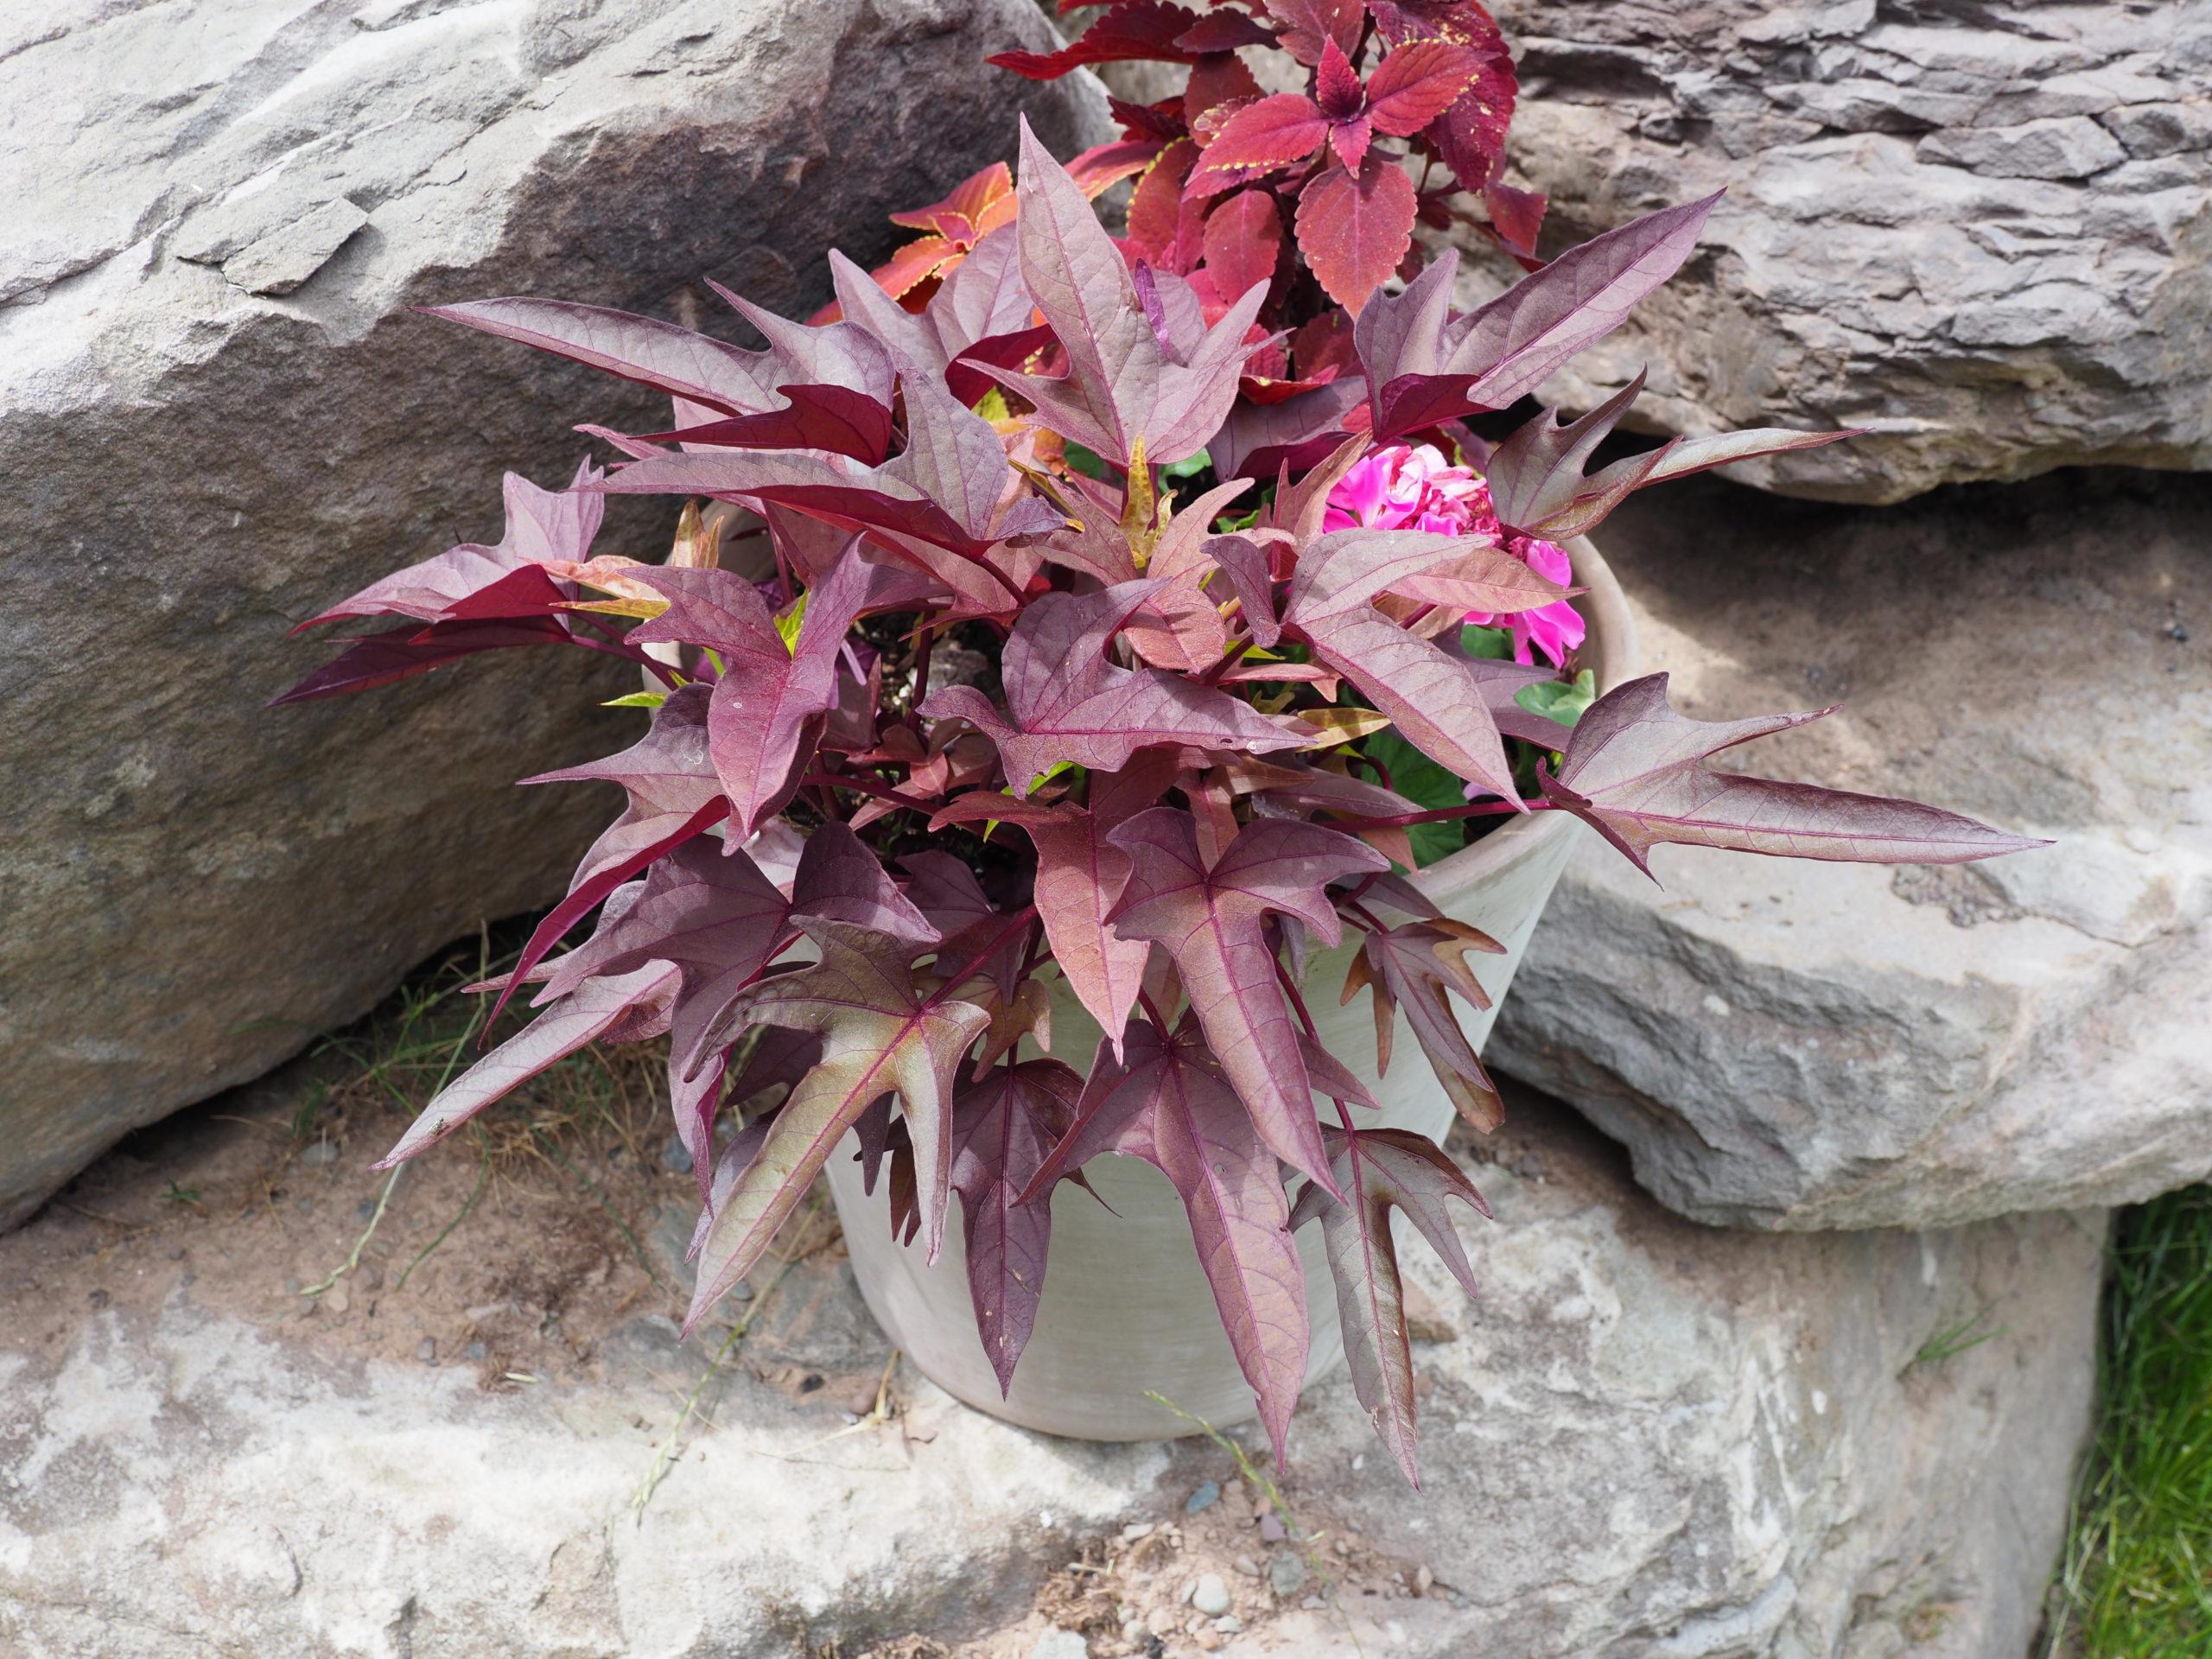 A different color sweet potato vine,